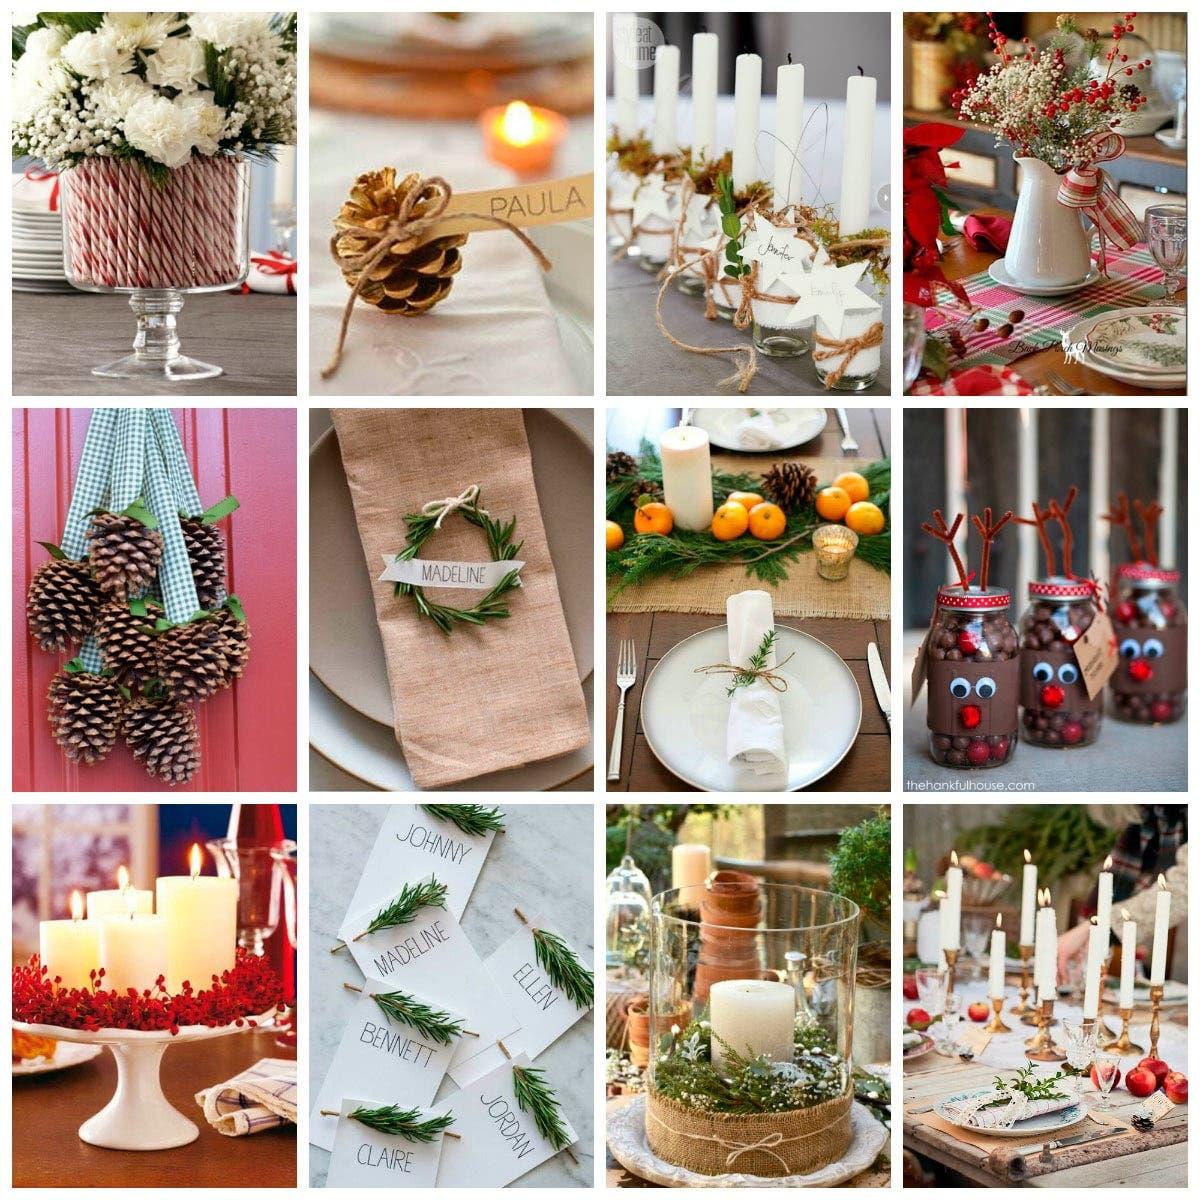 Ideas de decoraci n para navidad velocidad cuchara - Ideas para decorar estrellas de navidad ...